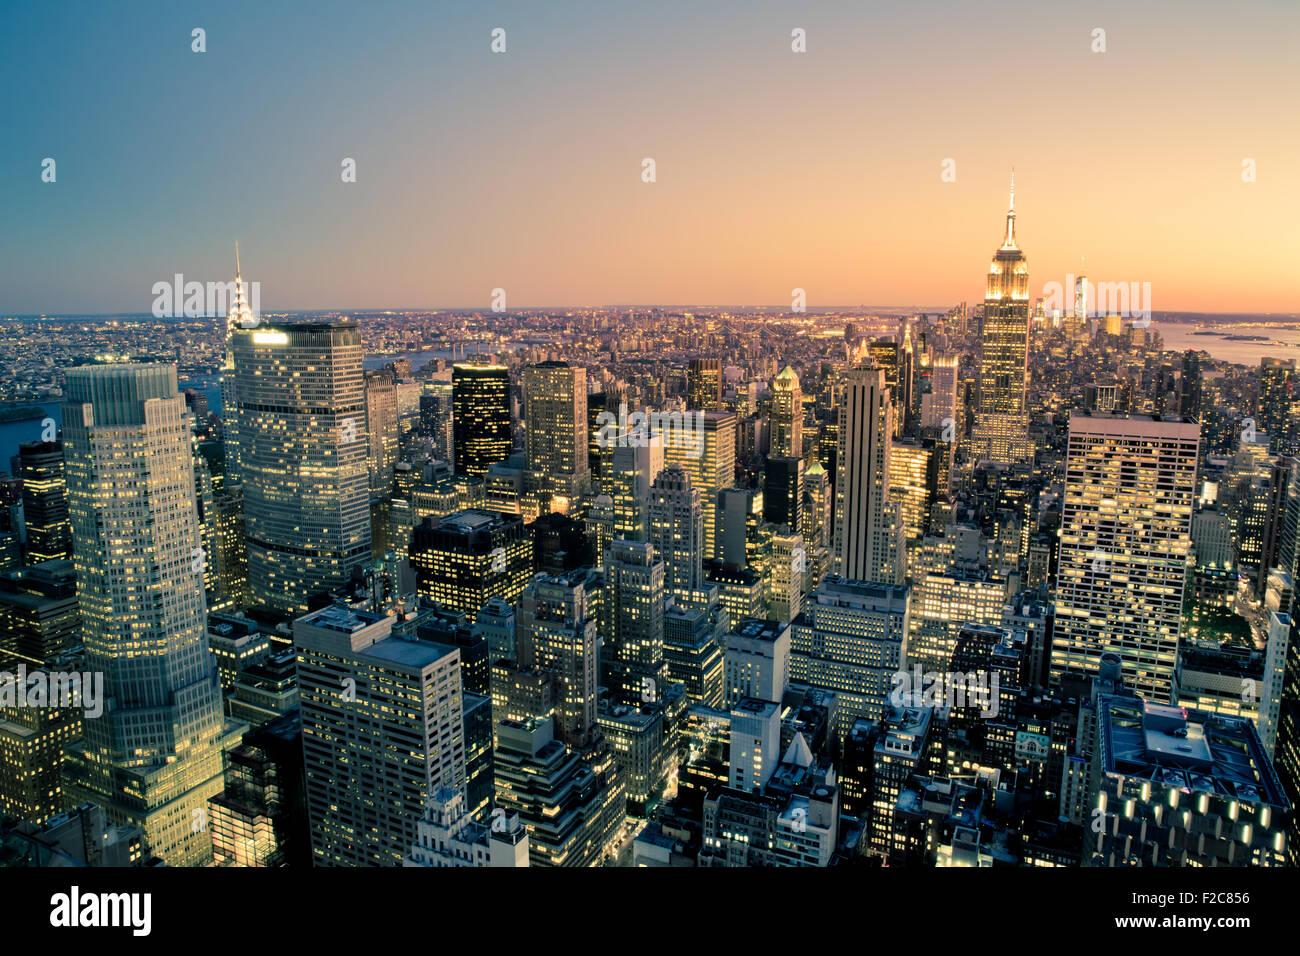 Hermosa ciudad de Nueva York Manhattan edificios iluminados al atardecer Imagen De Stock